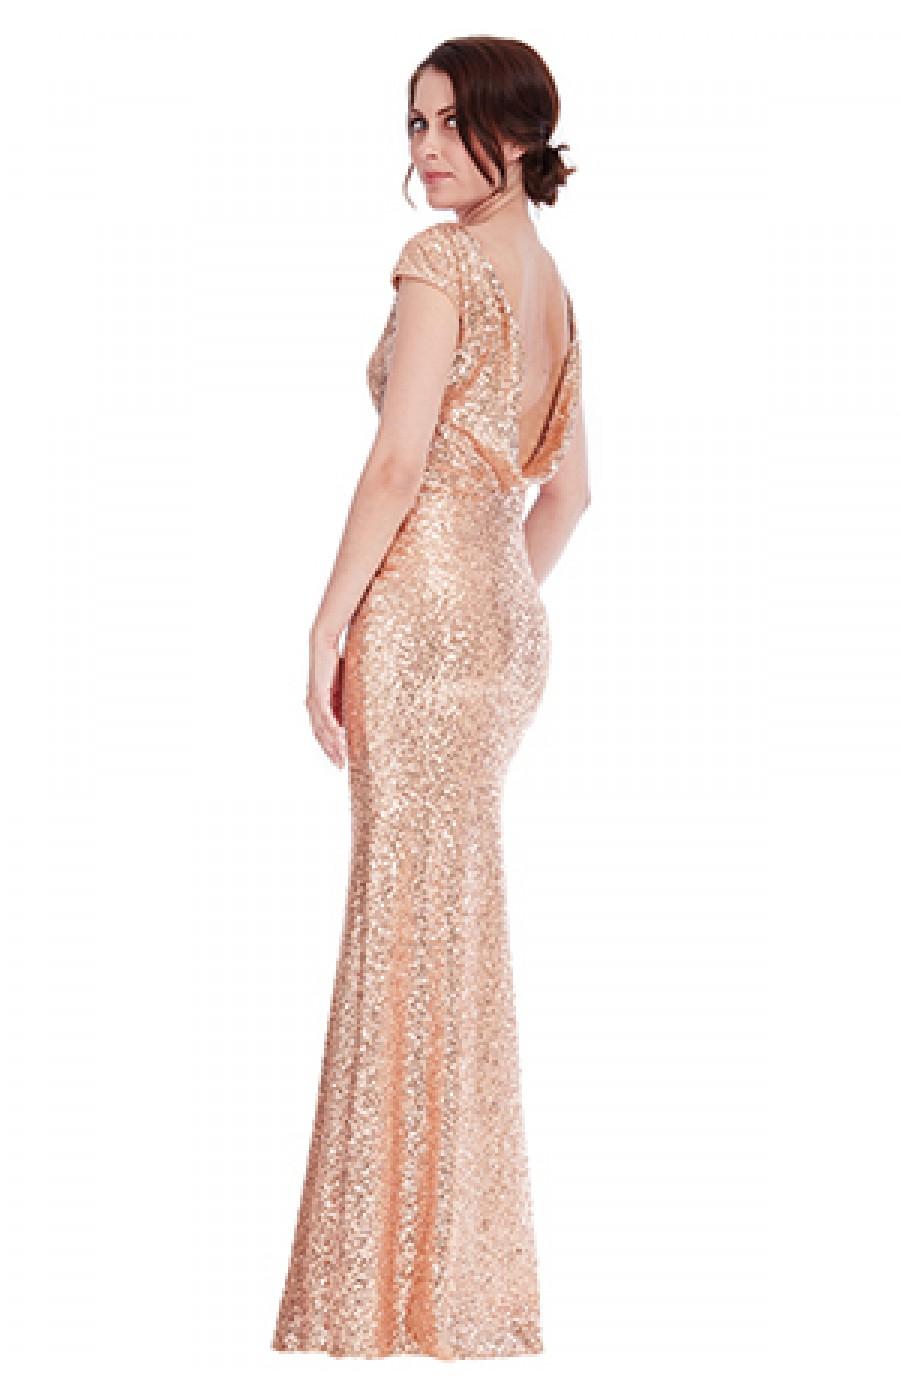 Μακρύ φόρεμα ροζ χρυσό με πούλιες  και ανοικτή πλάτη